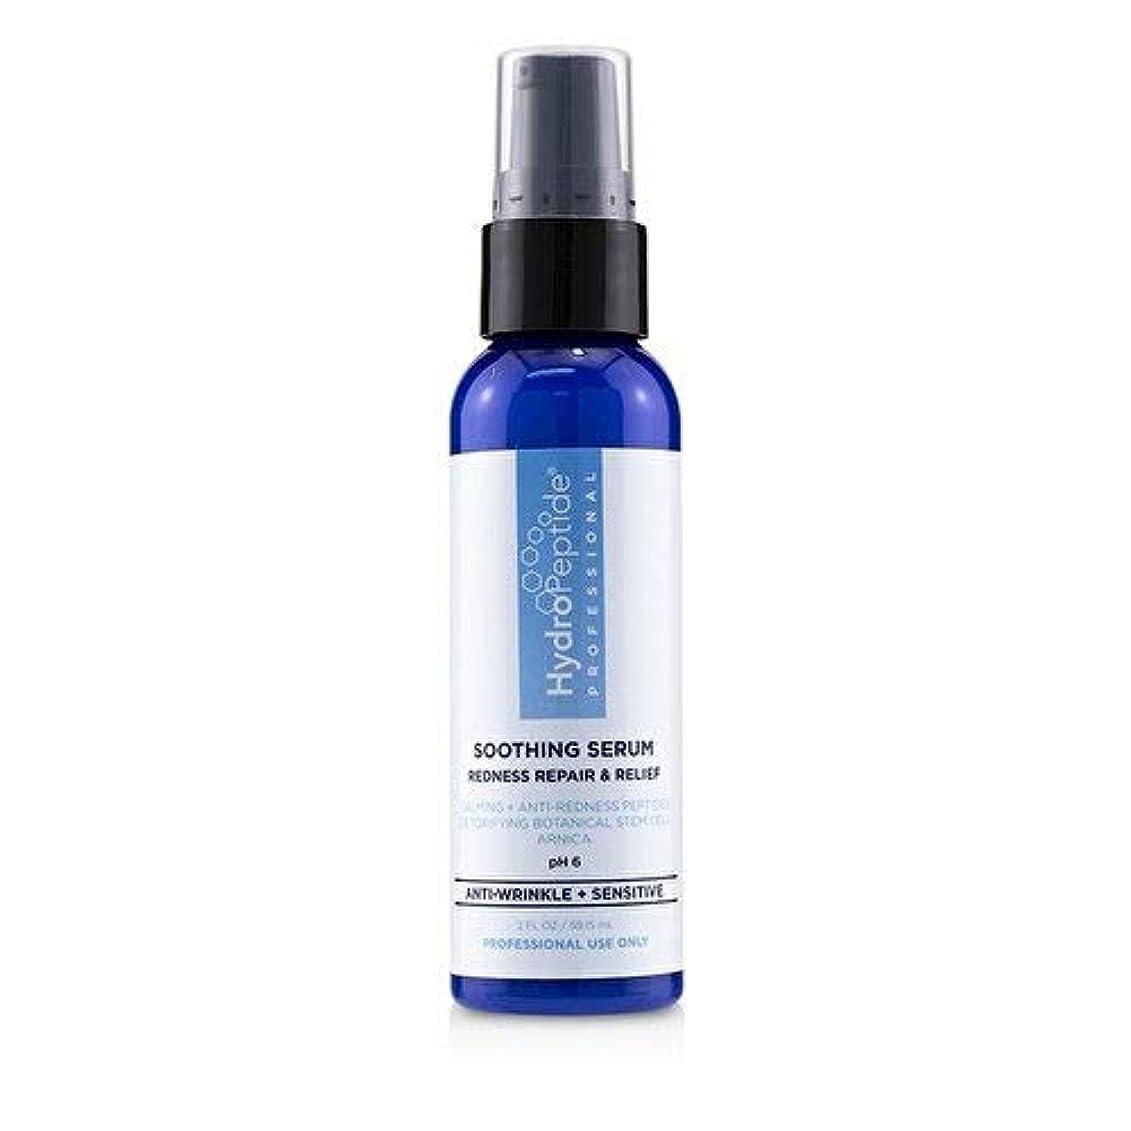 弱まるベテランメタンハイドロペプチド Soothing Serum: Redness Repair & Relief (Salon Size) 59ml/2oz並行輸入品